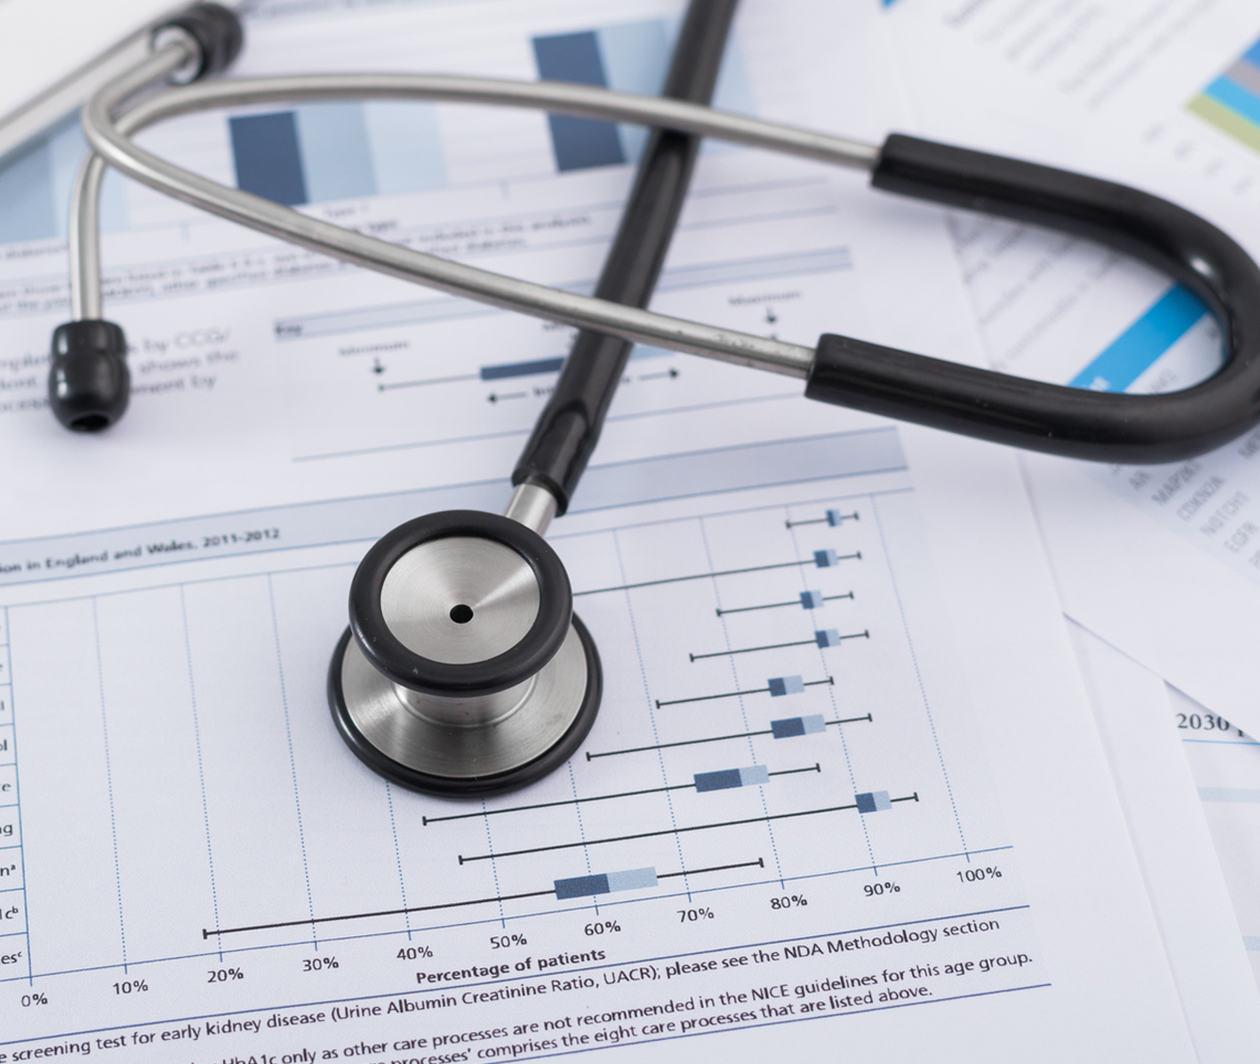 Health Data and Analytics